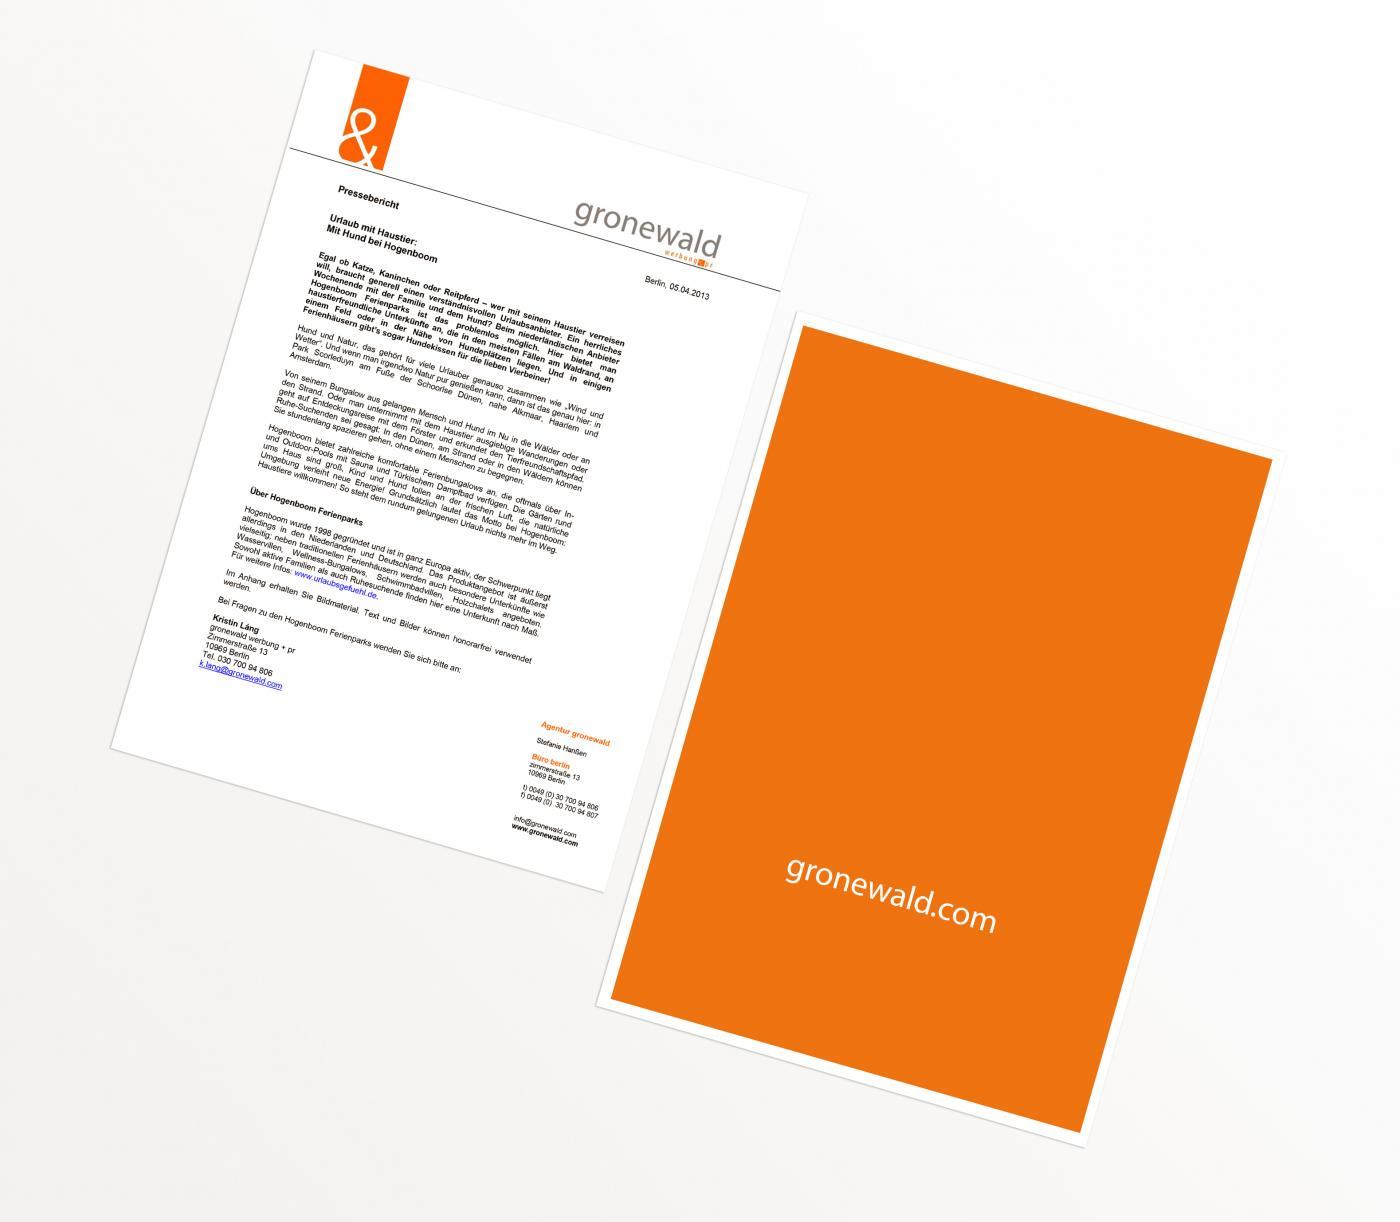 werbeagentur-gronewald-berlin-hoogenbom-pressemitteilung